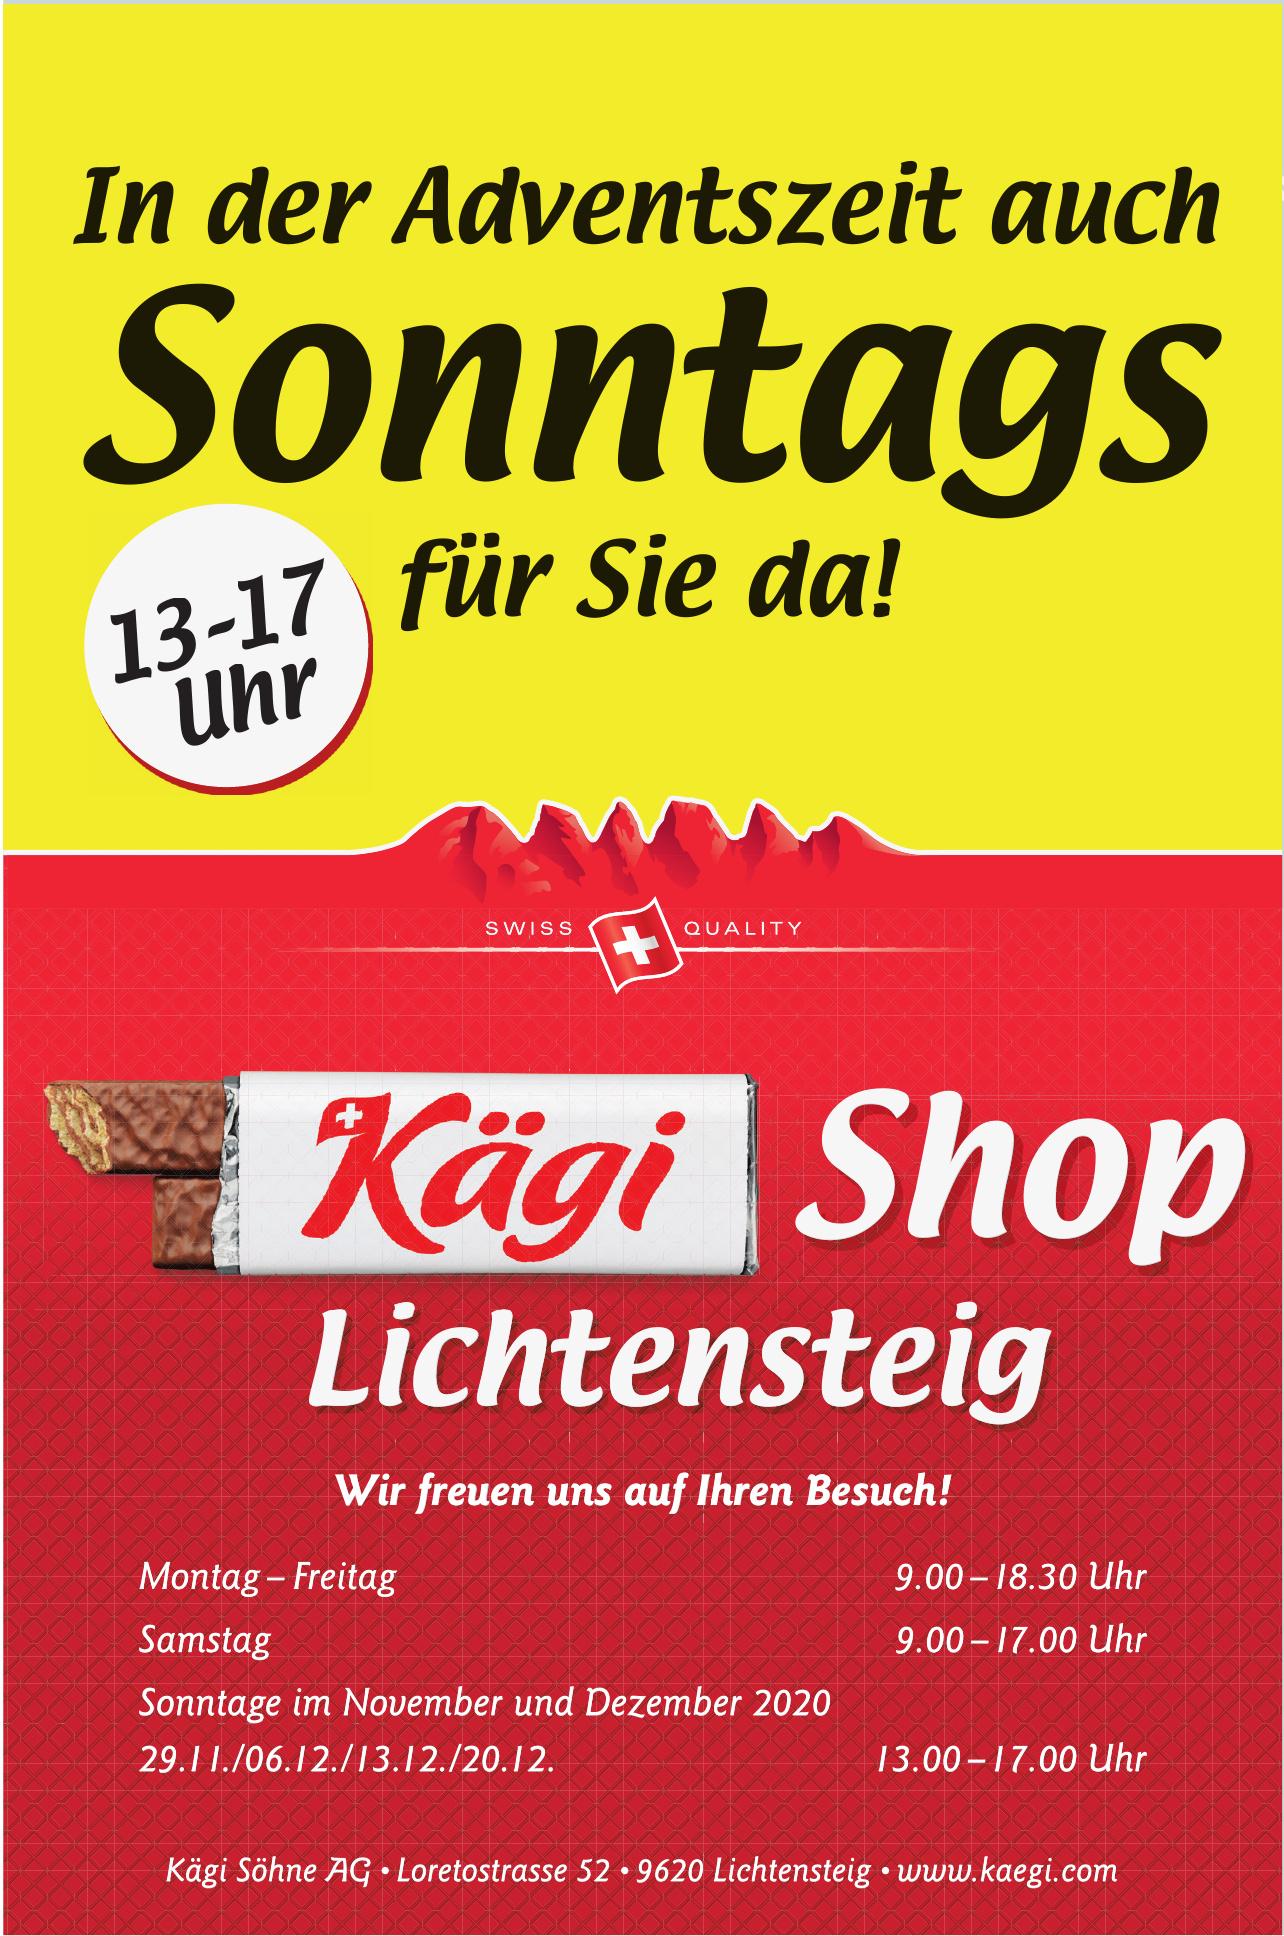 Kägi Söhne AG